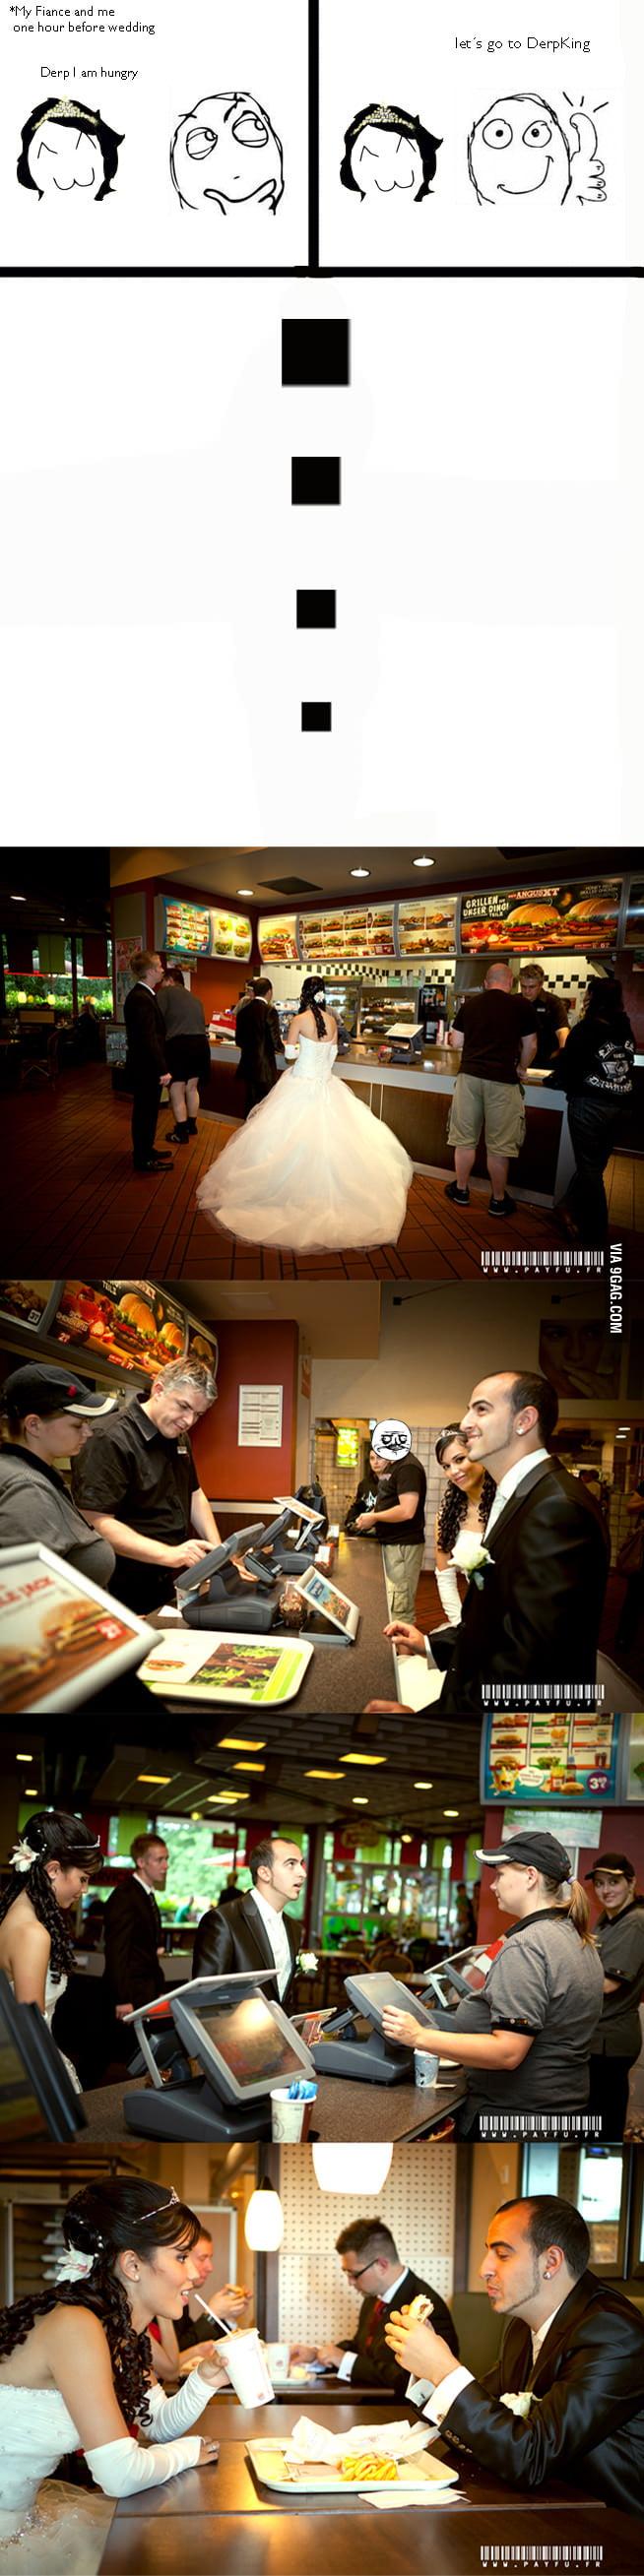 Burger King at wedding day